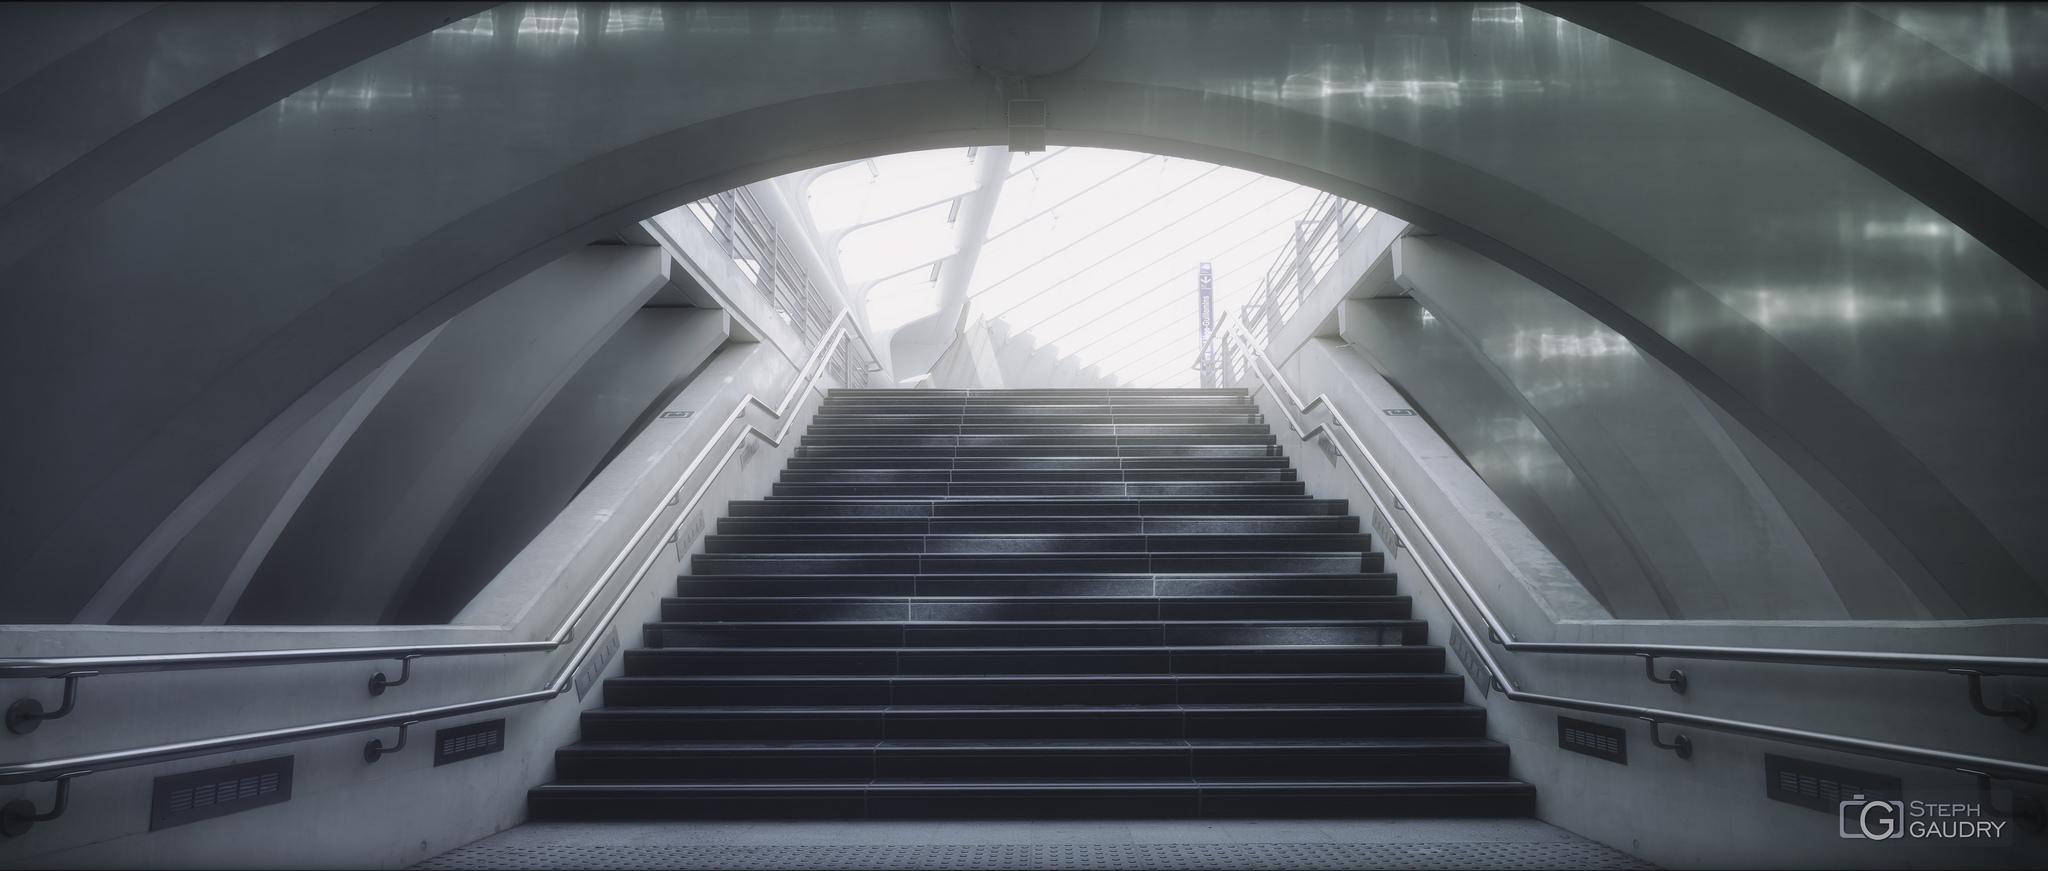 Liège Guillemins - vers la lumière - c2 [Click to start slideshow]